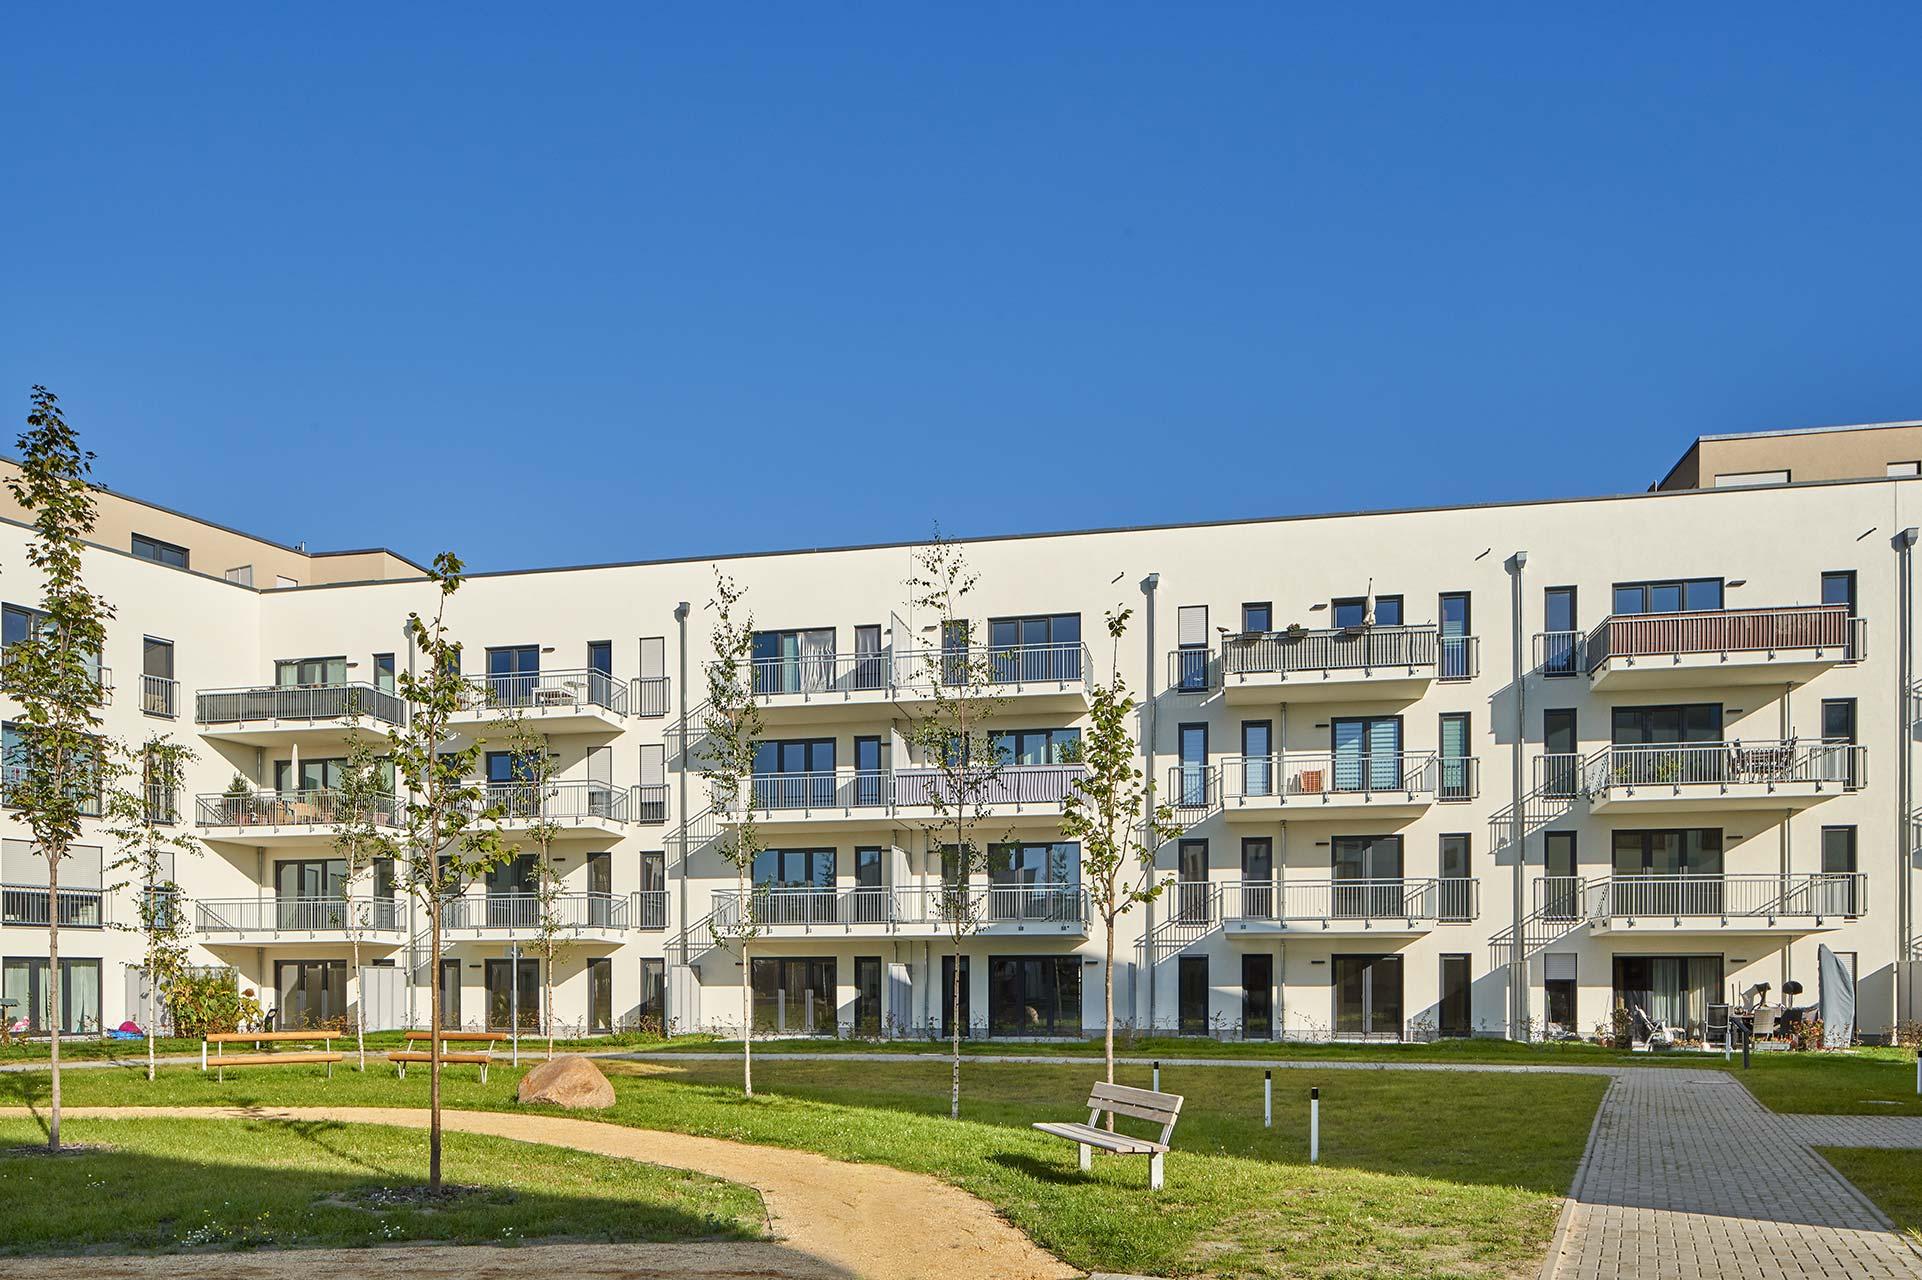 Mehrfamilienhaus - Ansicht vom Innenhof - Architekturfotografie in Potsdam